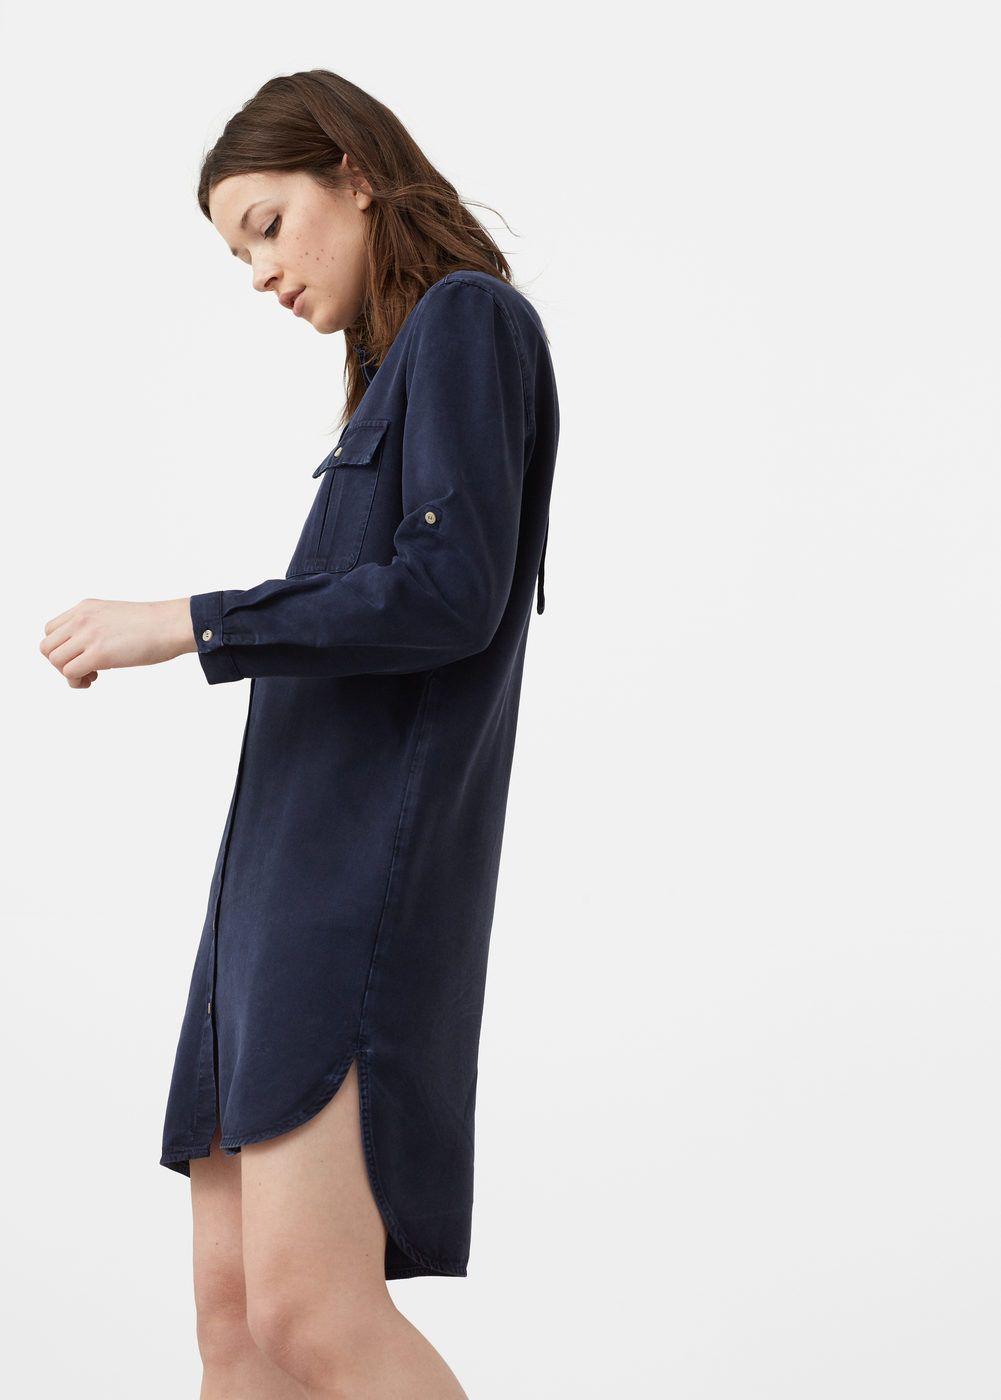 f8999f326824 399 sek - Bälte mjuk klänning - Klänningar för Damer | MANGO Sverige  Skjortklänning, Mini